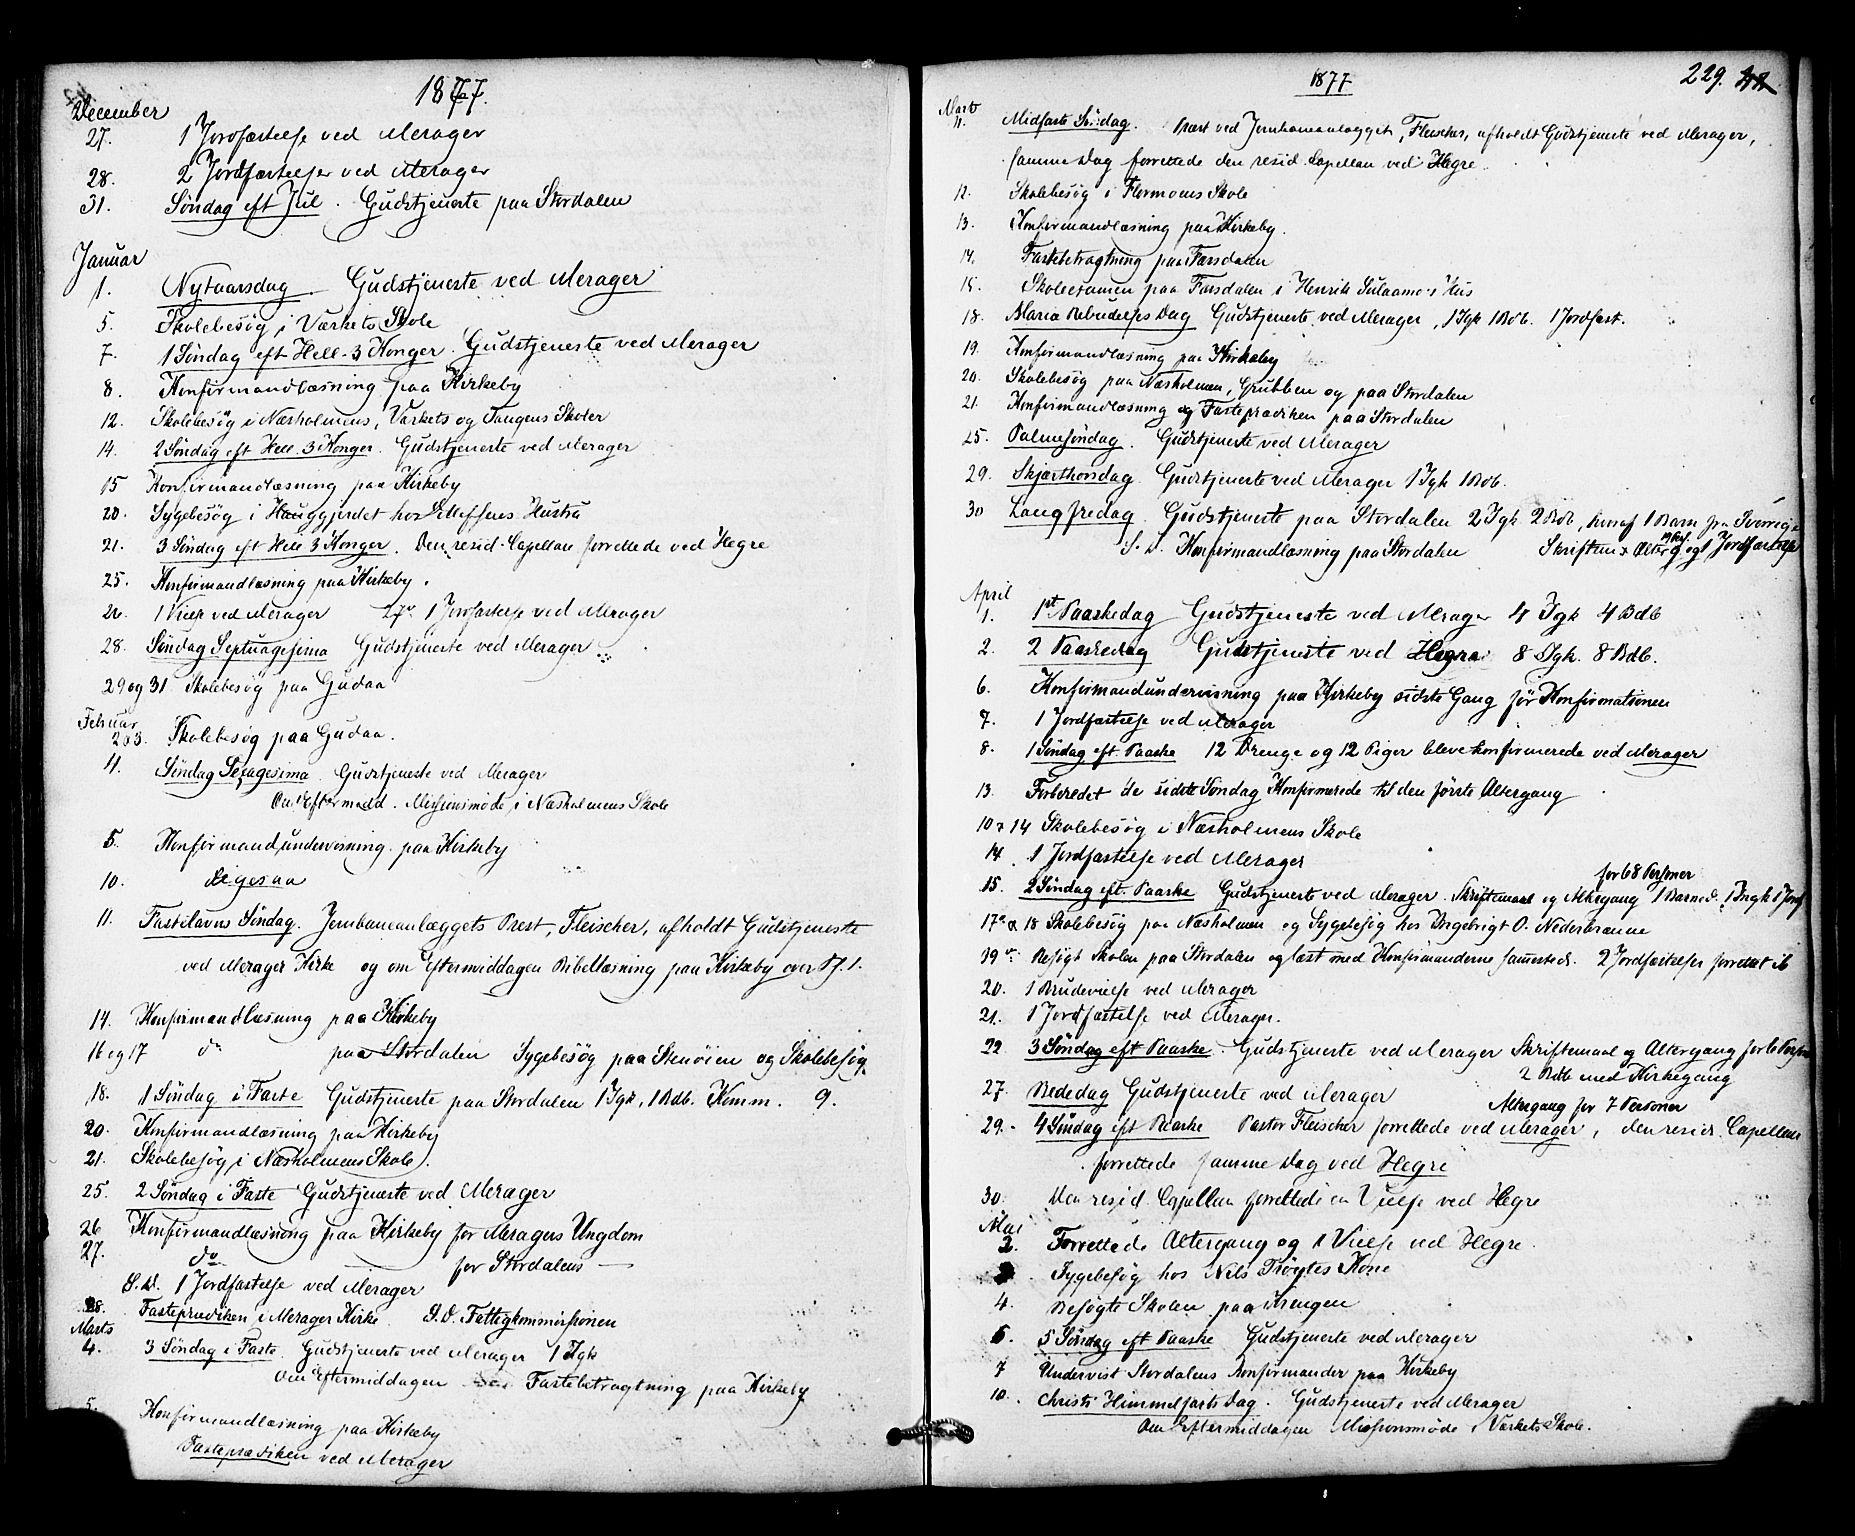 SAT, Ministerialprotokoller, klokkerbøker og fødselsregistre - Nord-Trøndelag, 706/L0041: Ministerialbok nr. 706A02, 1862-1877, s. 229